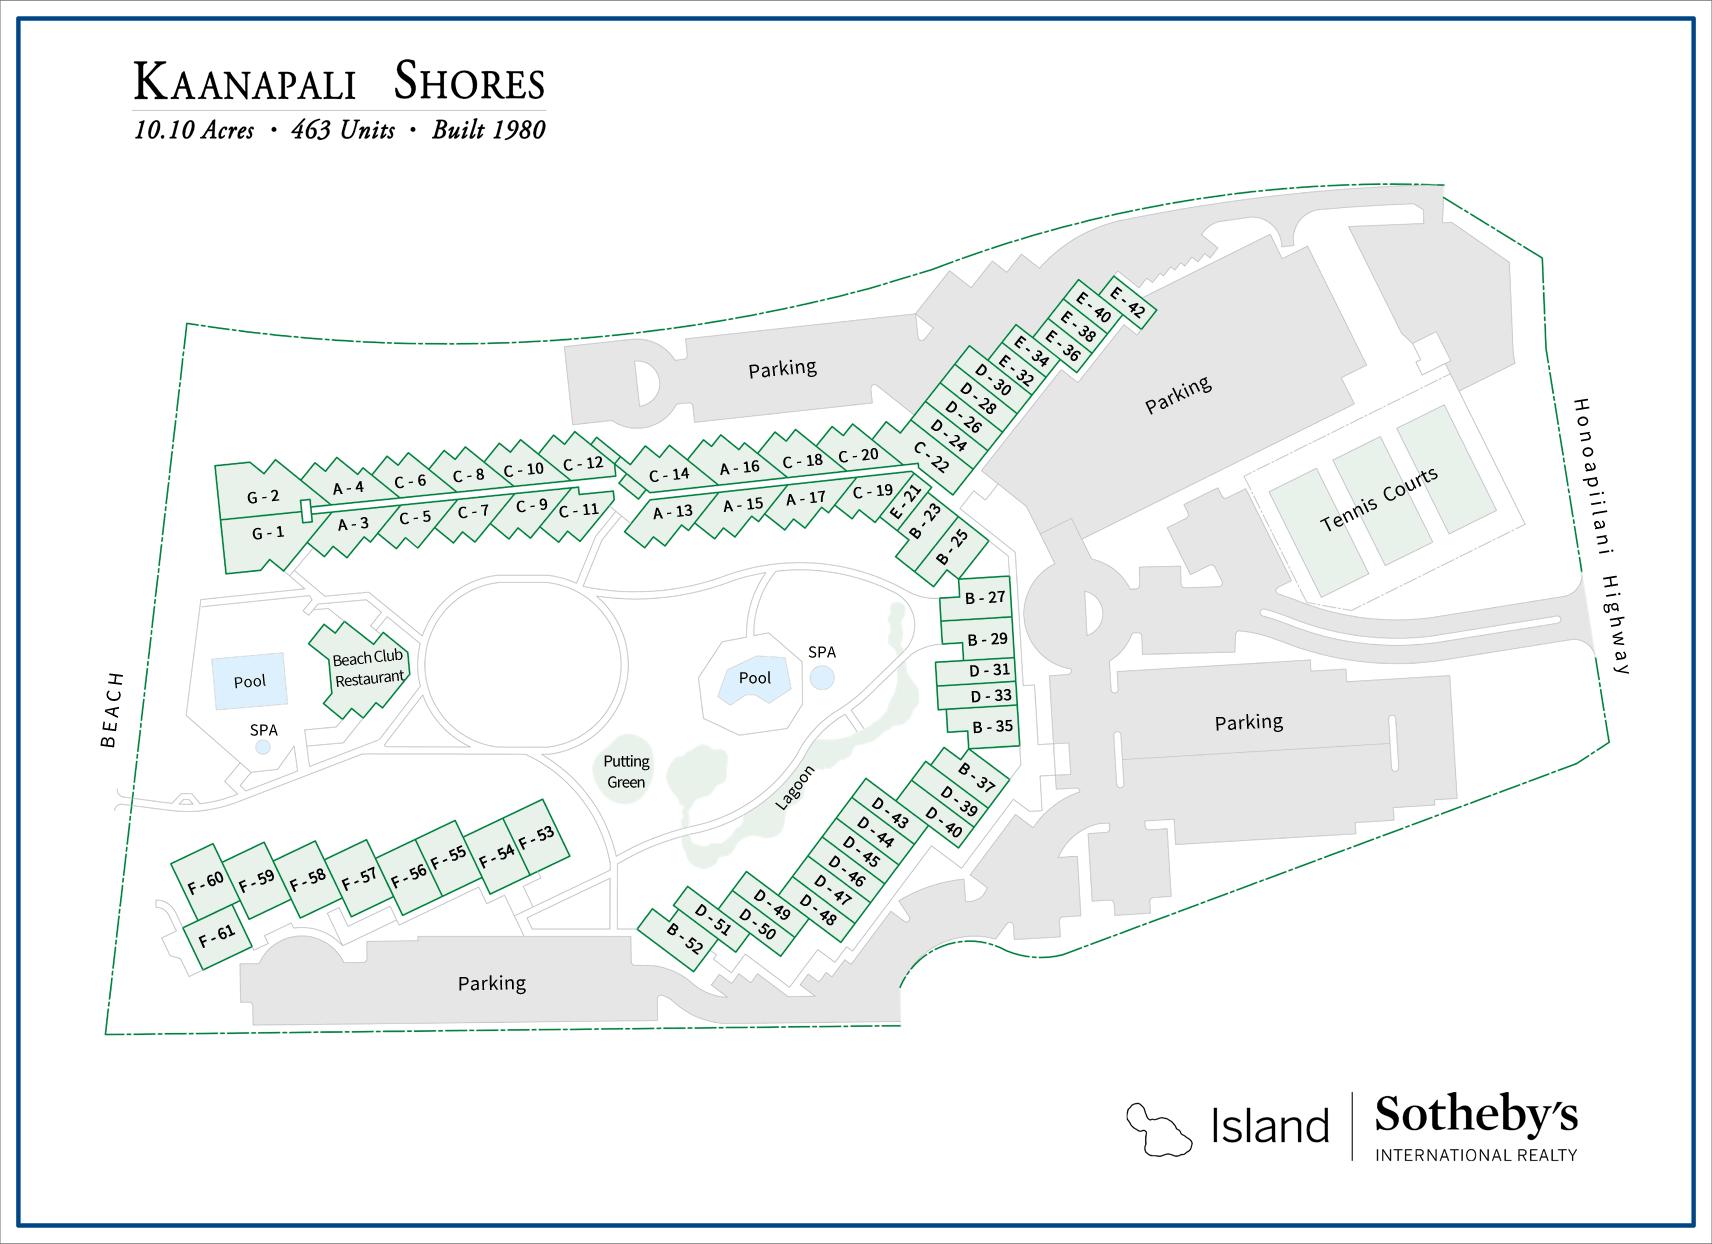 Kaanapali Shores Condos For Sale  Maui, Hawaii